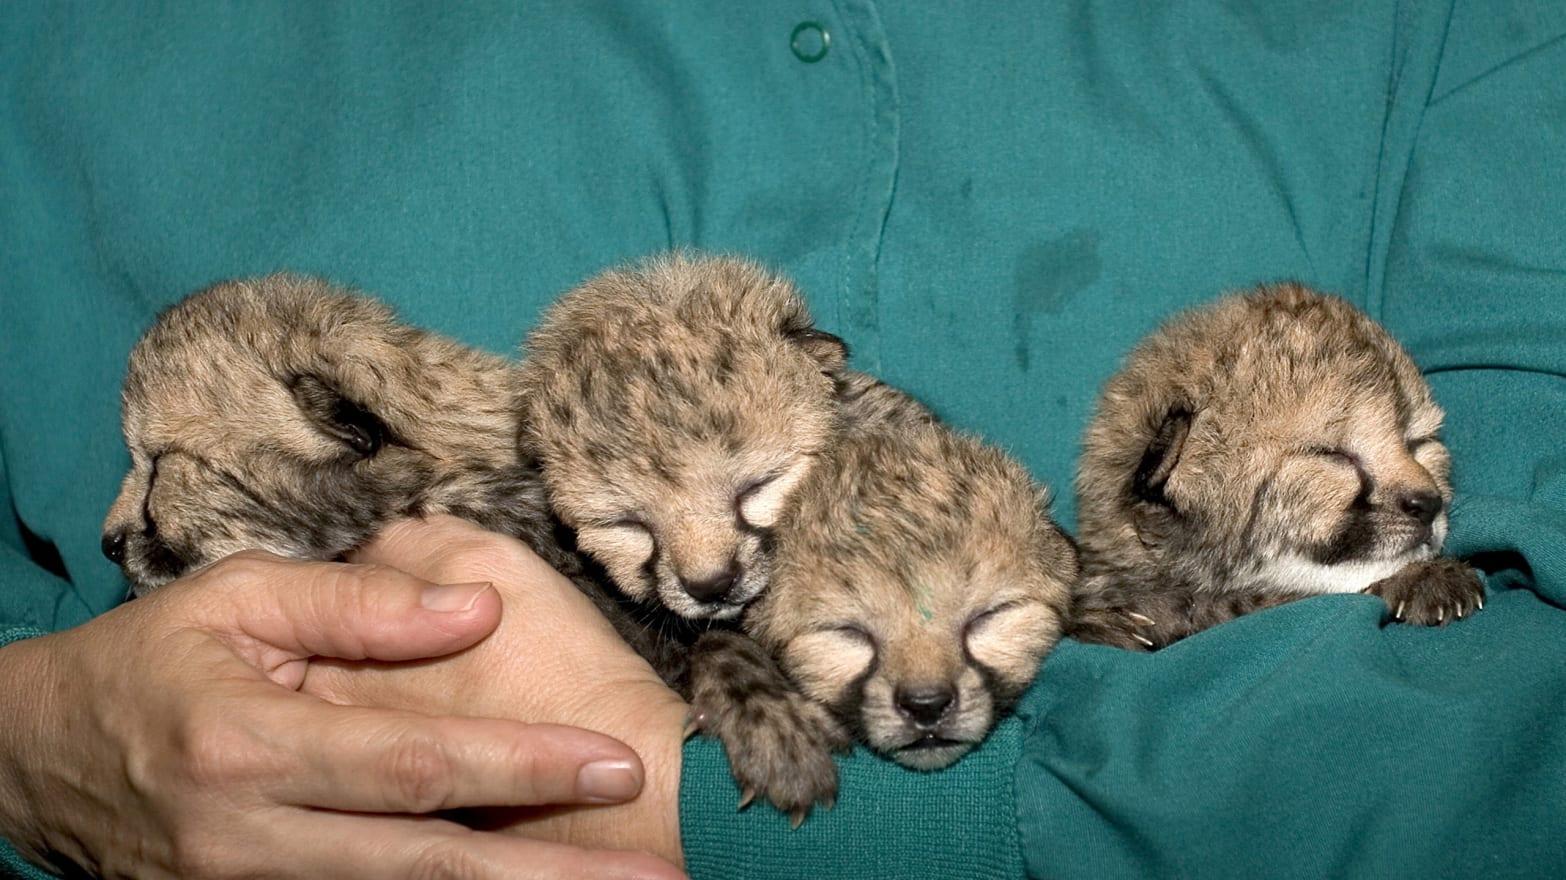 This Dog Adopted 5 Baby Cheetahs